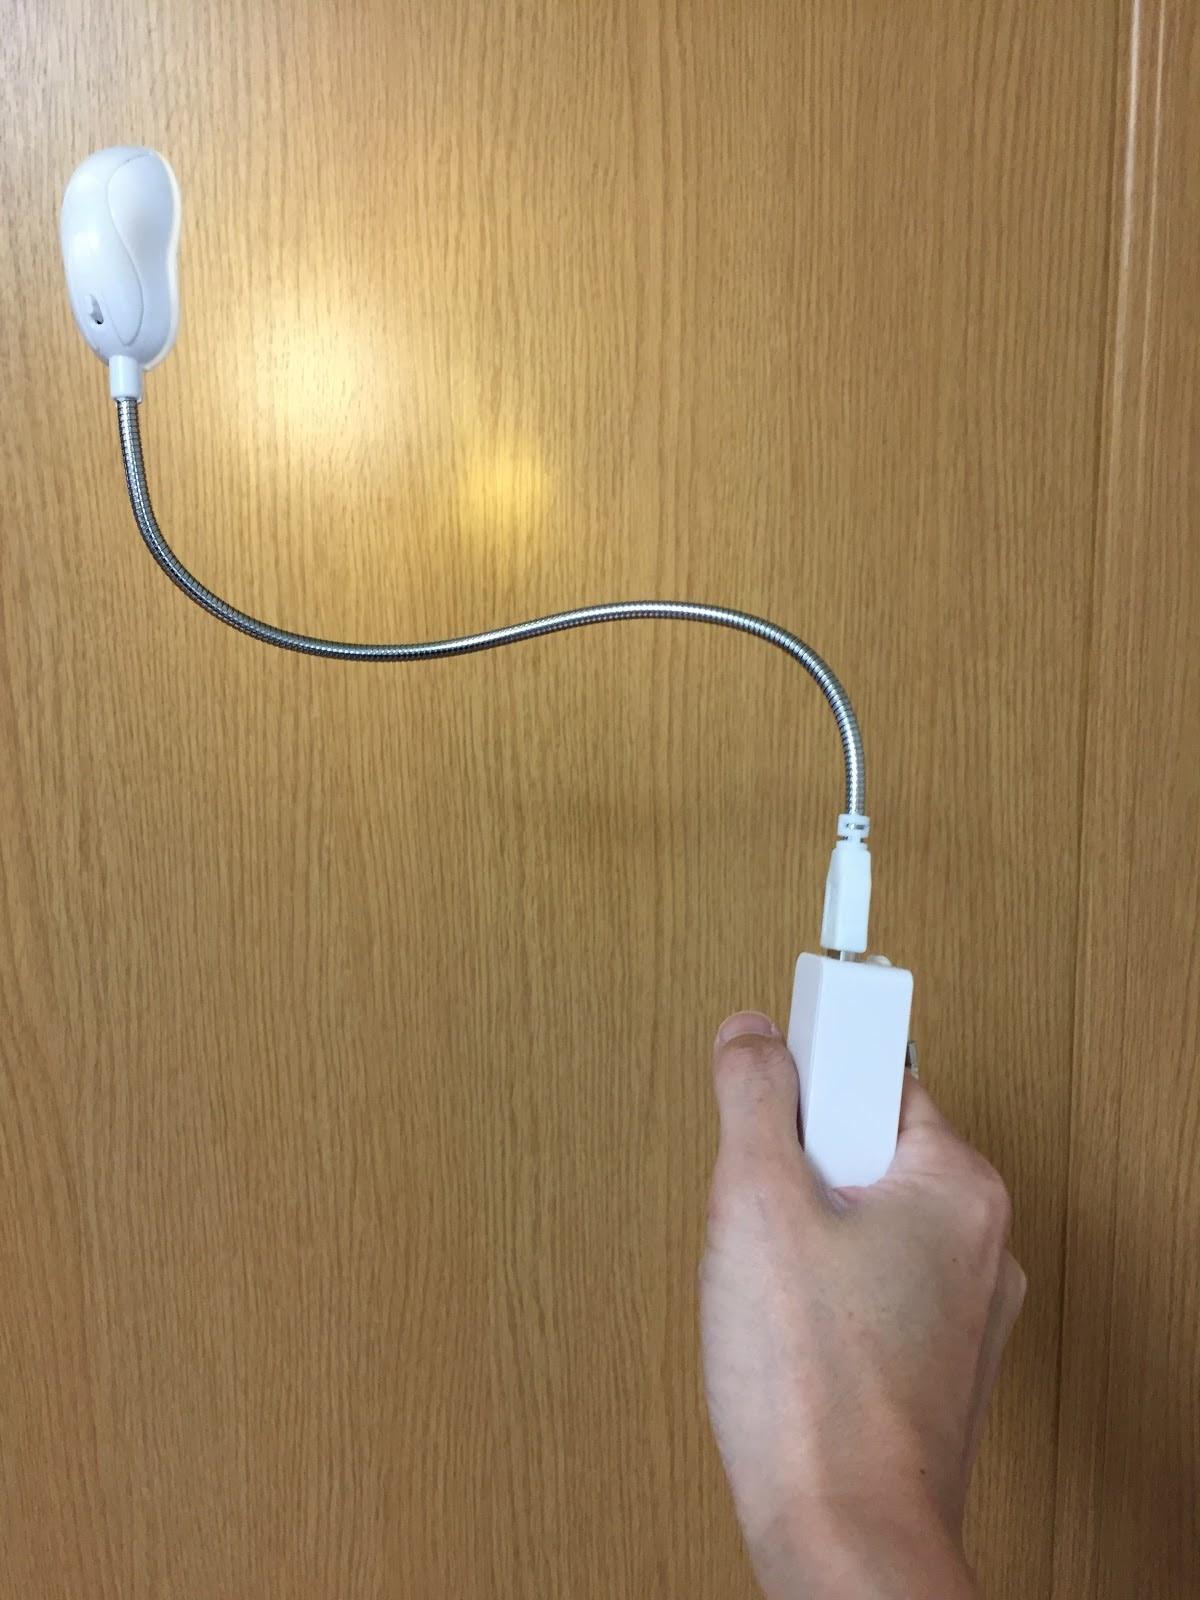 ダイソーで売っているUSB接続のLEDライト